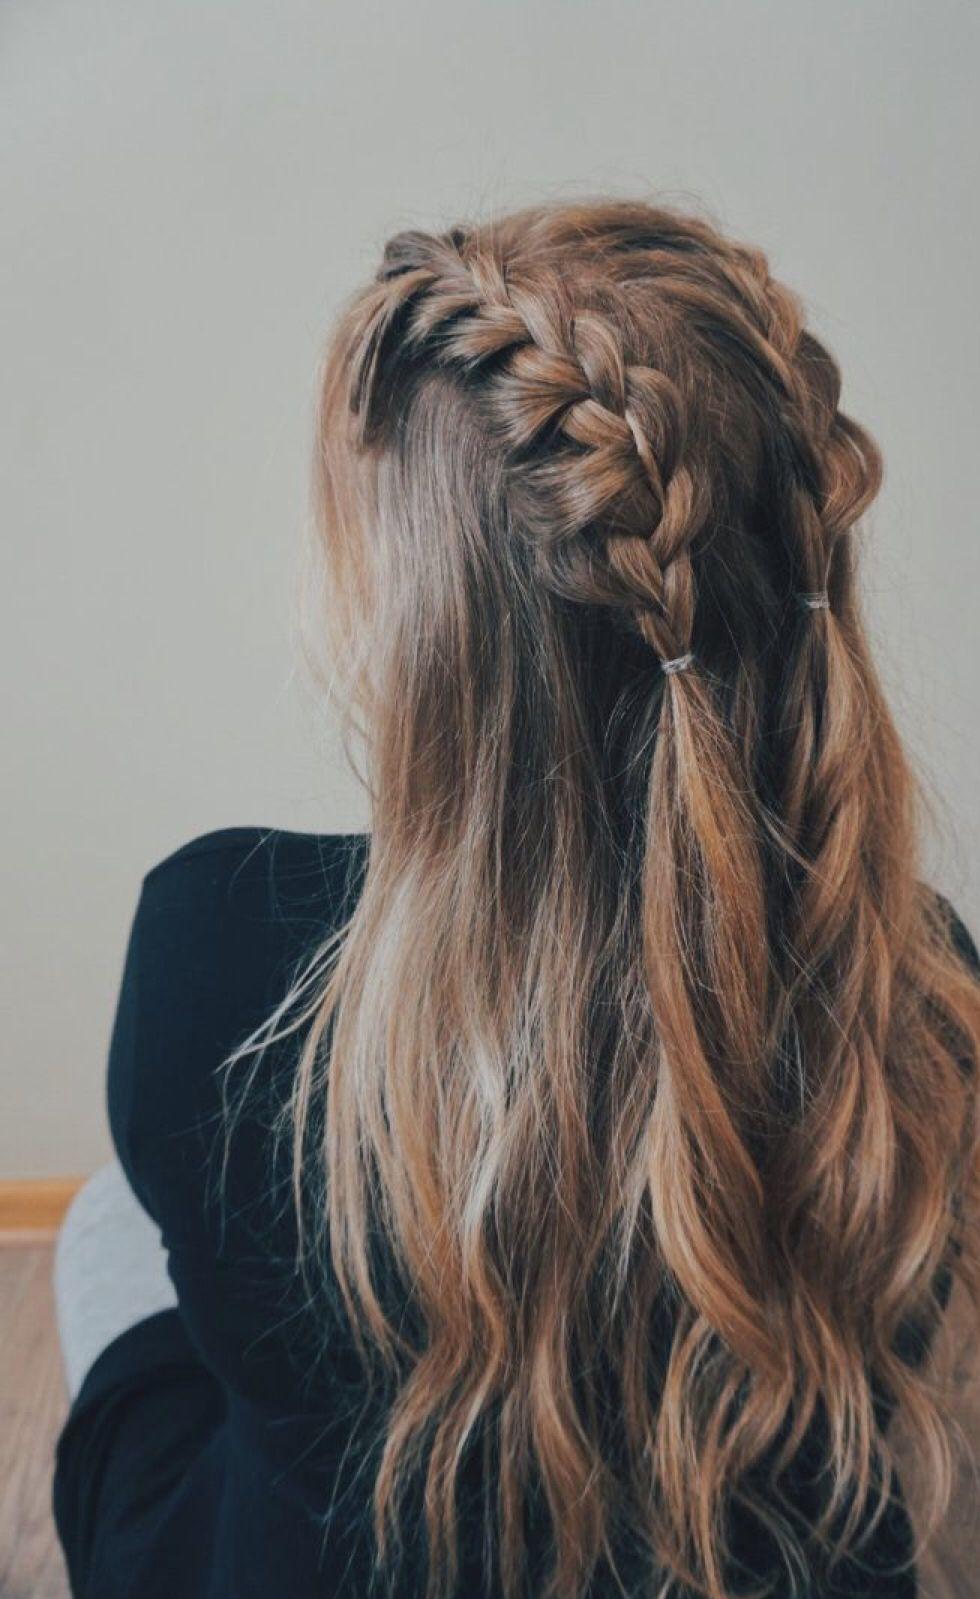 Heimkehr Frisuren Süße Frisuren für Heimkehr - Süße Pferdeschwanz Frisuren ..., #Frisuren #f...